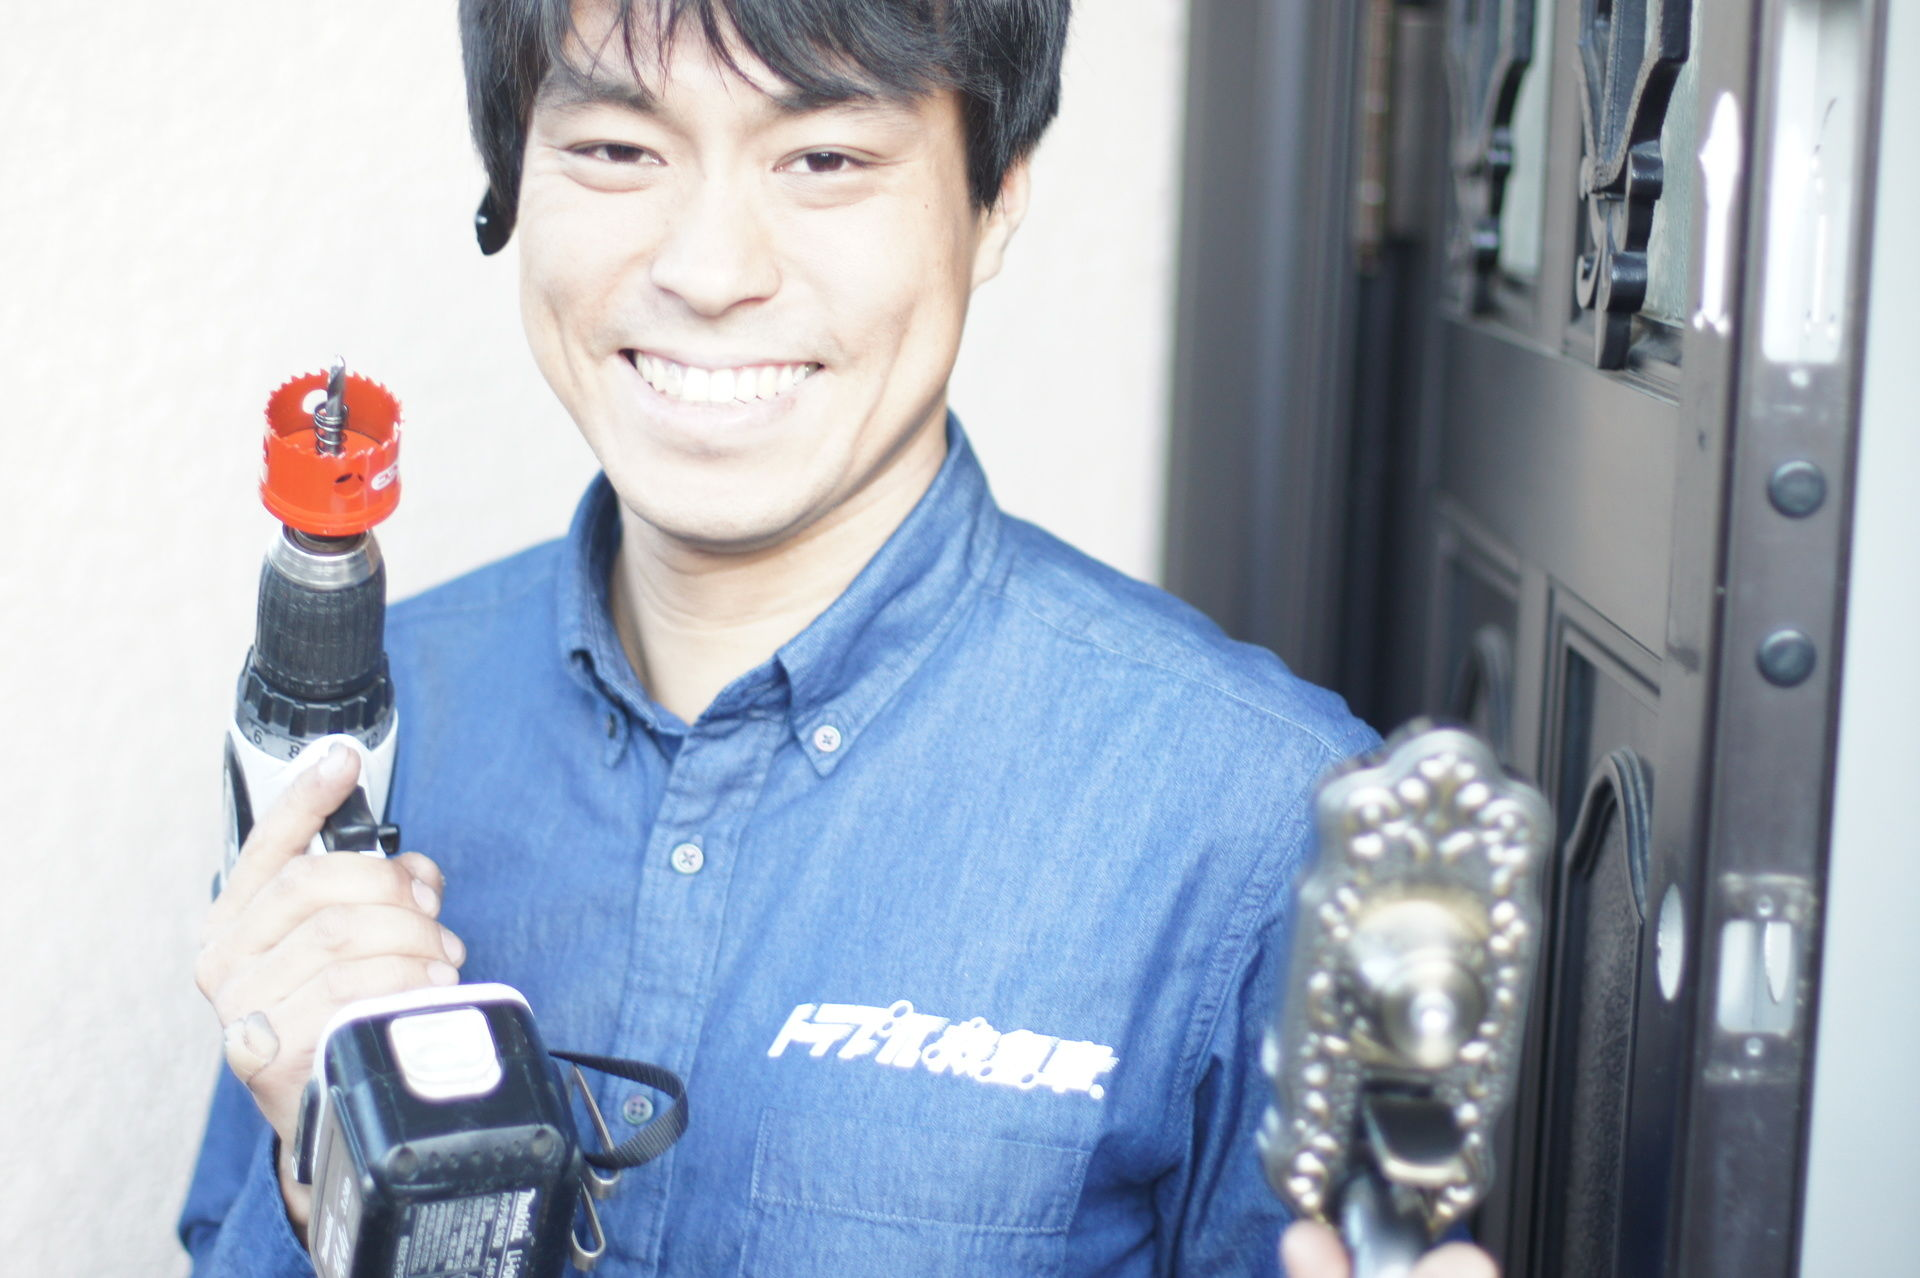 カギのトラブル救急車【広島市中区 出張エリア】のメイン画像